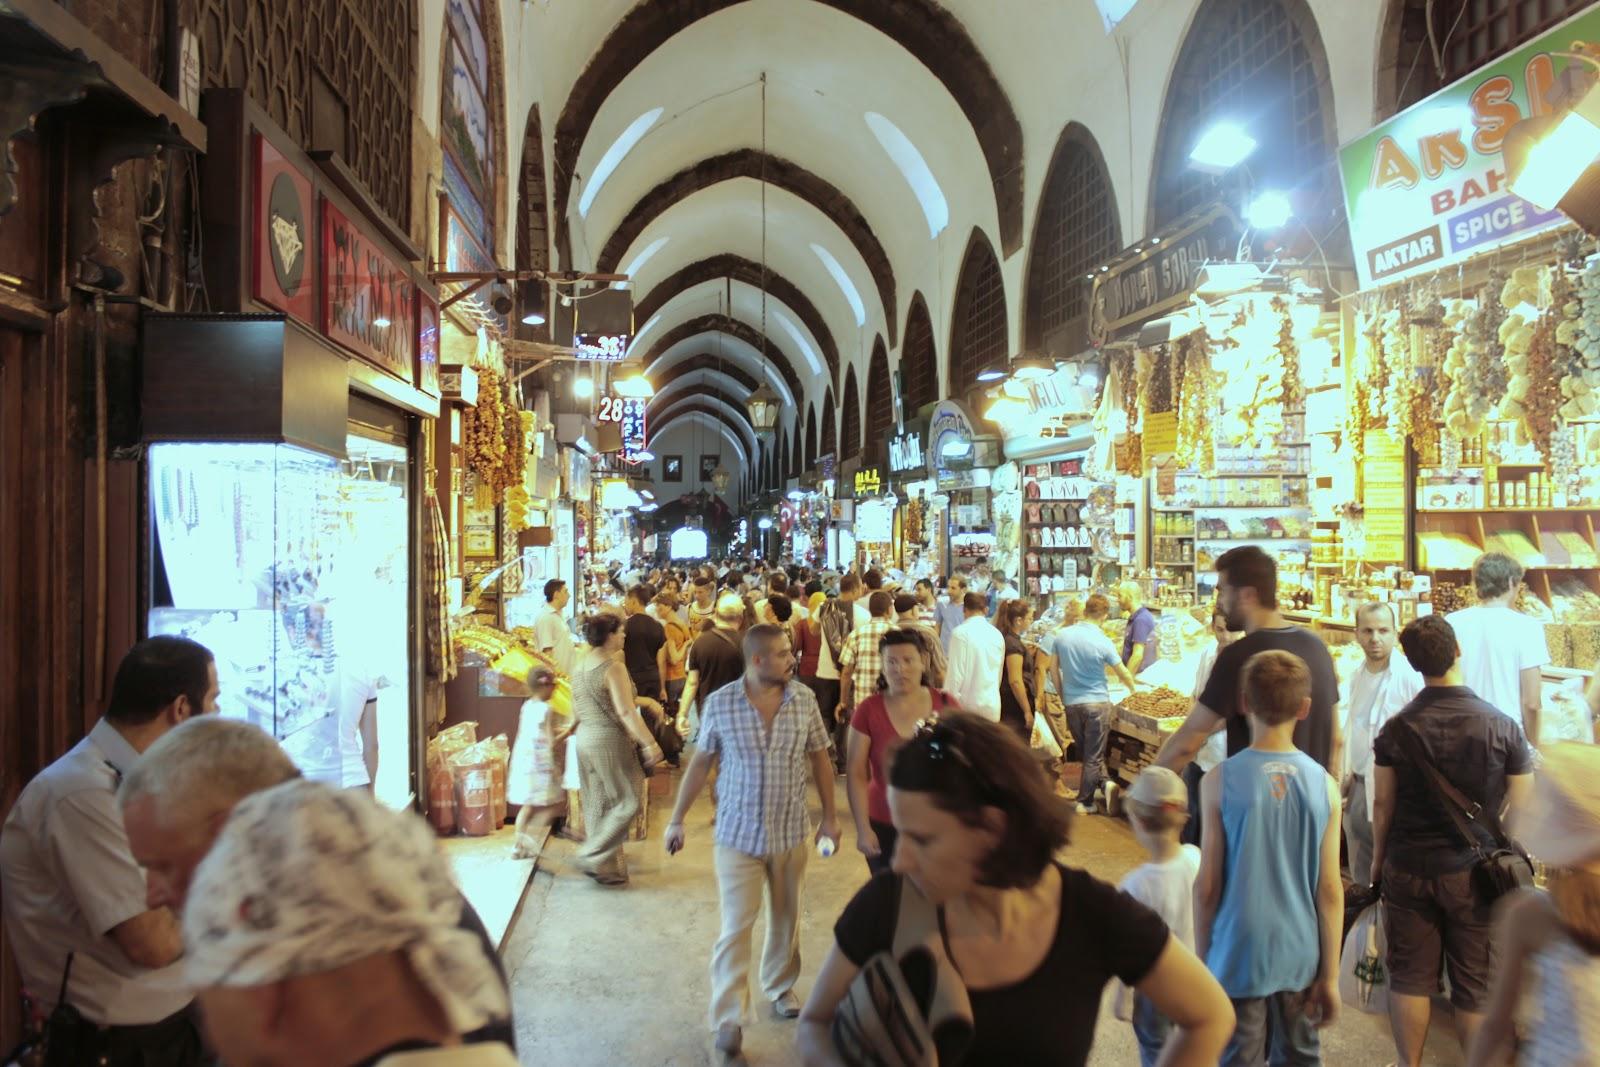 Mısır Çarşısı ve Pasta Malzemeleri